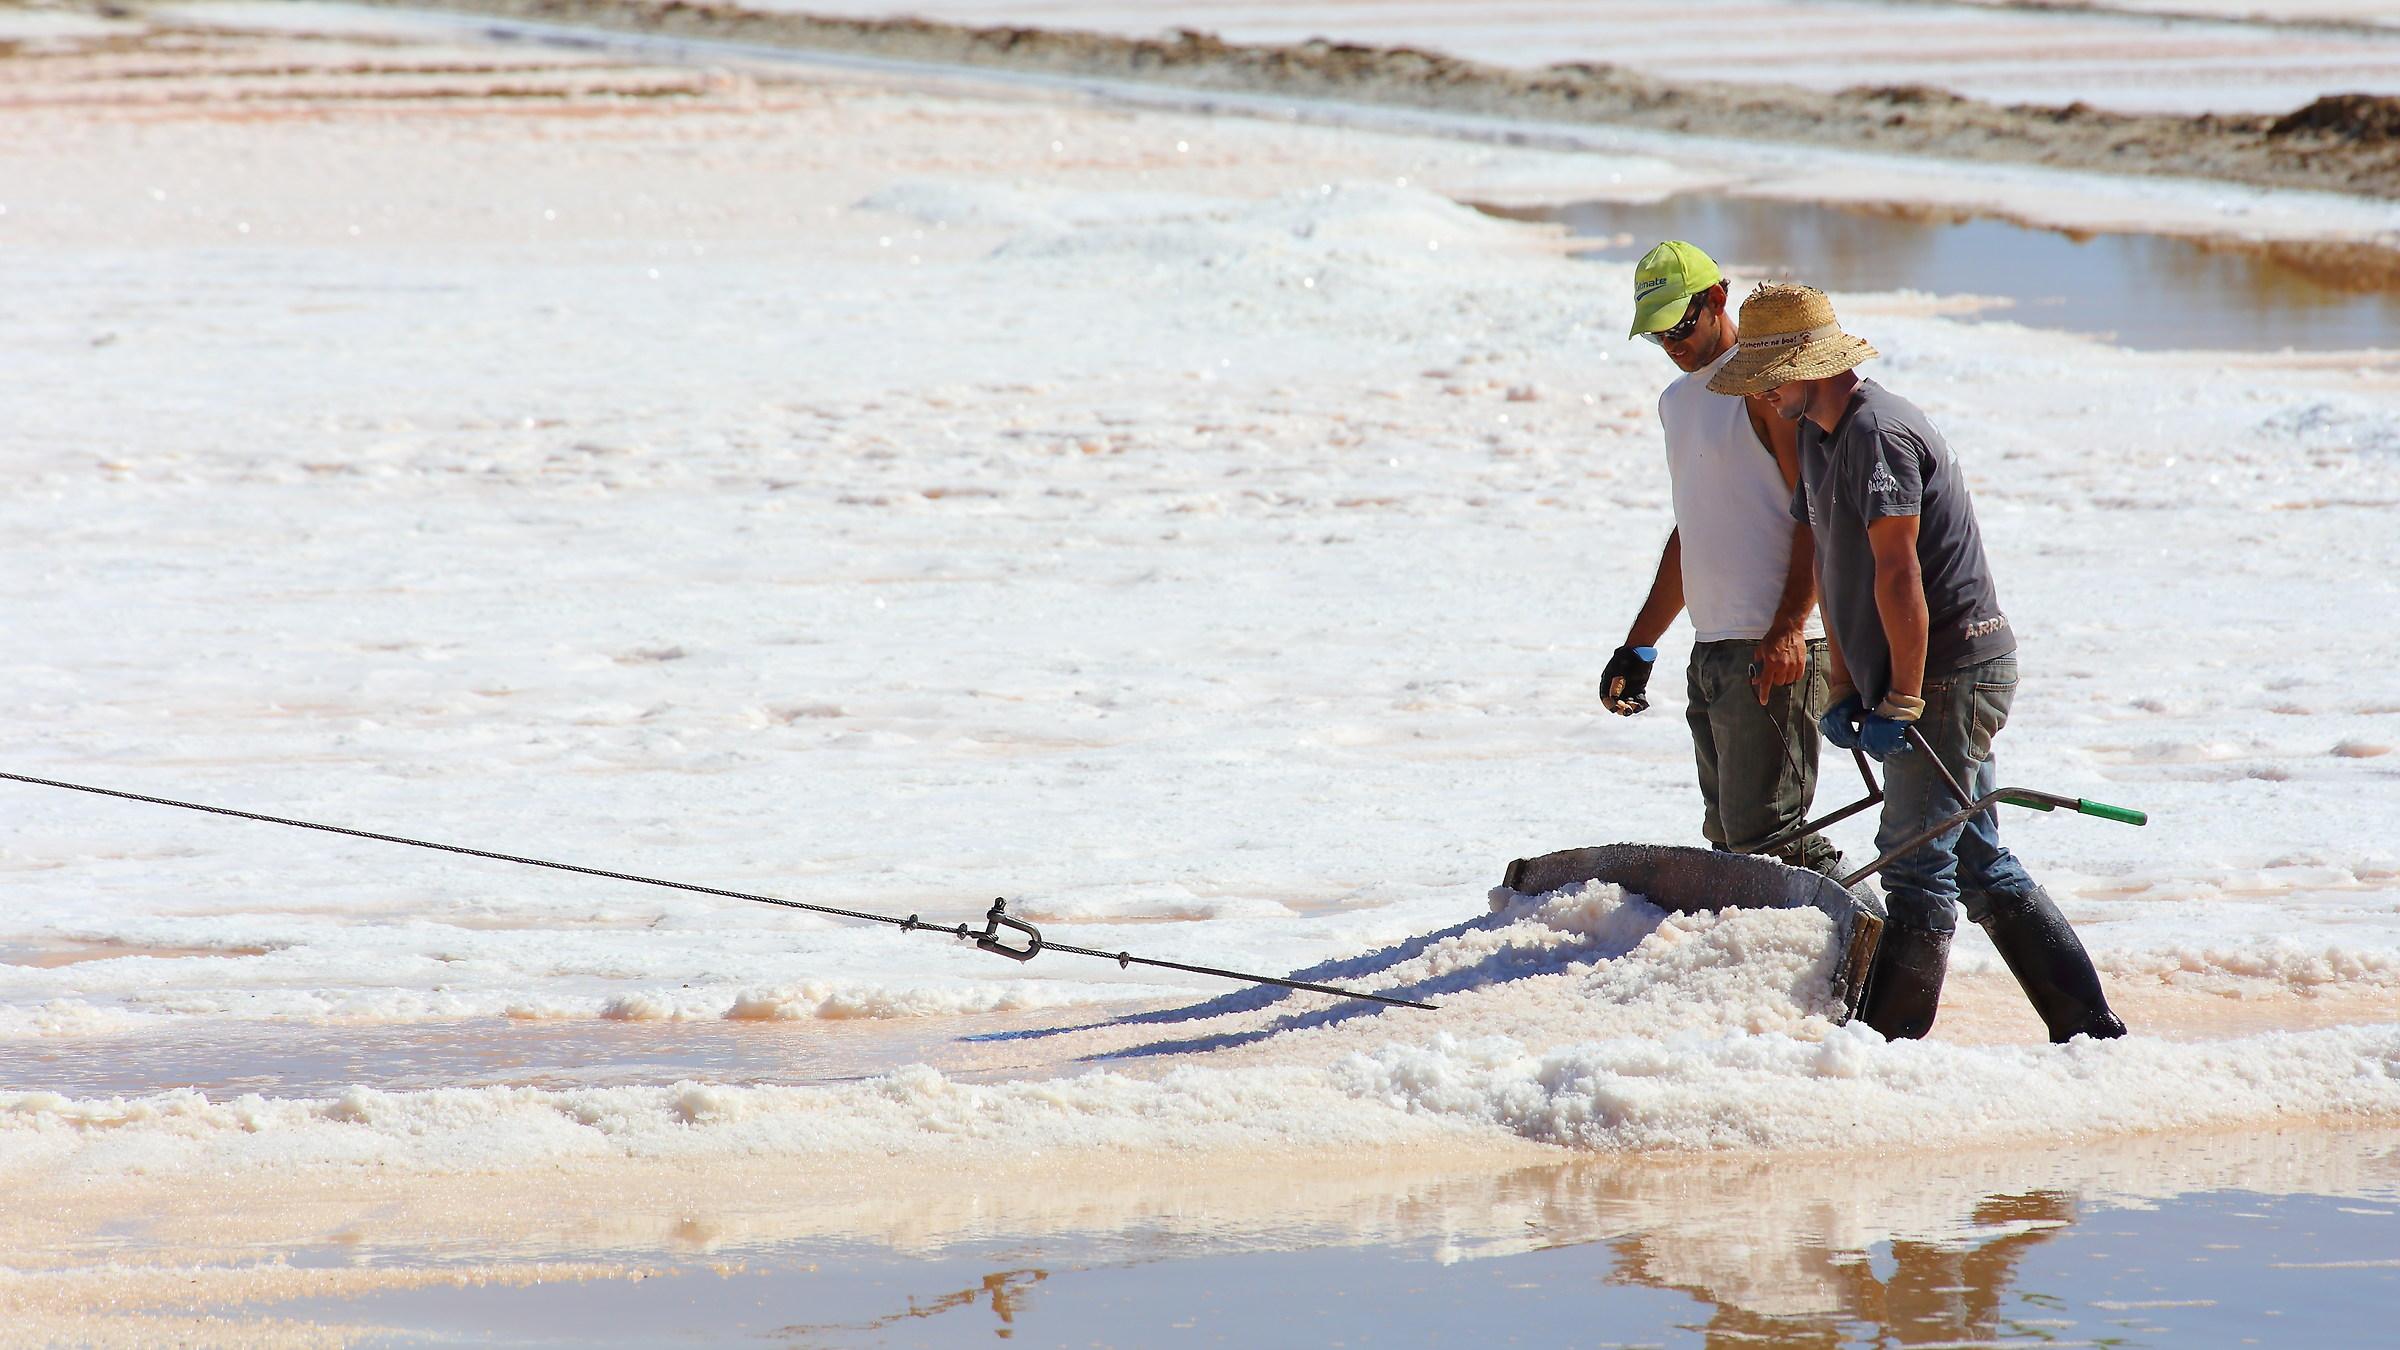 The salt farmers...